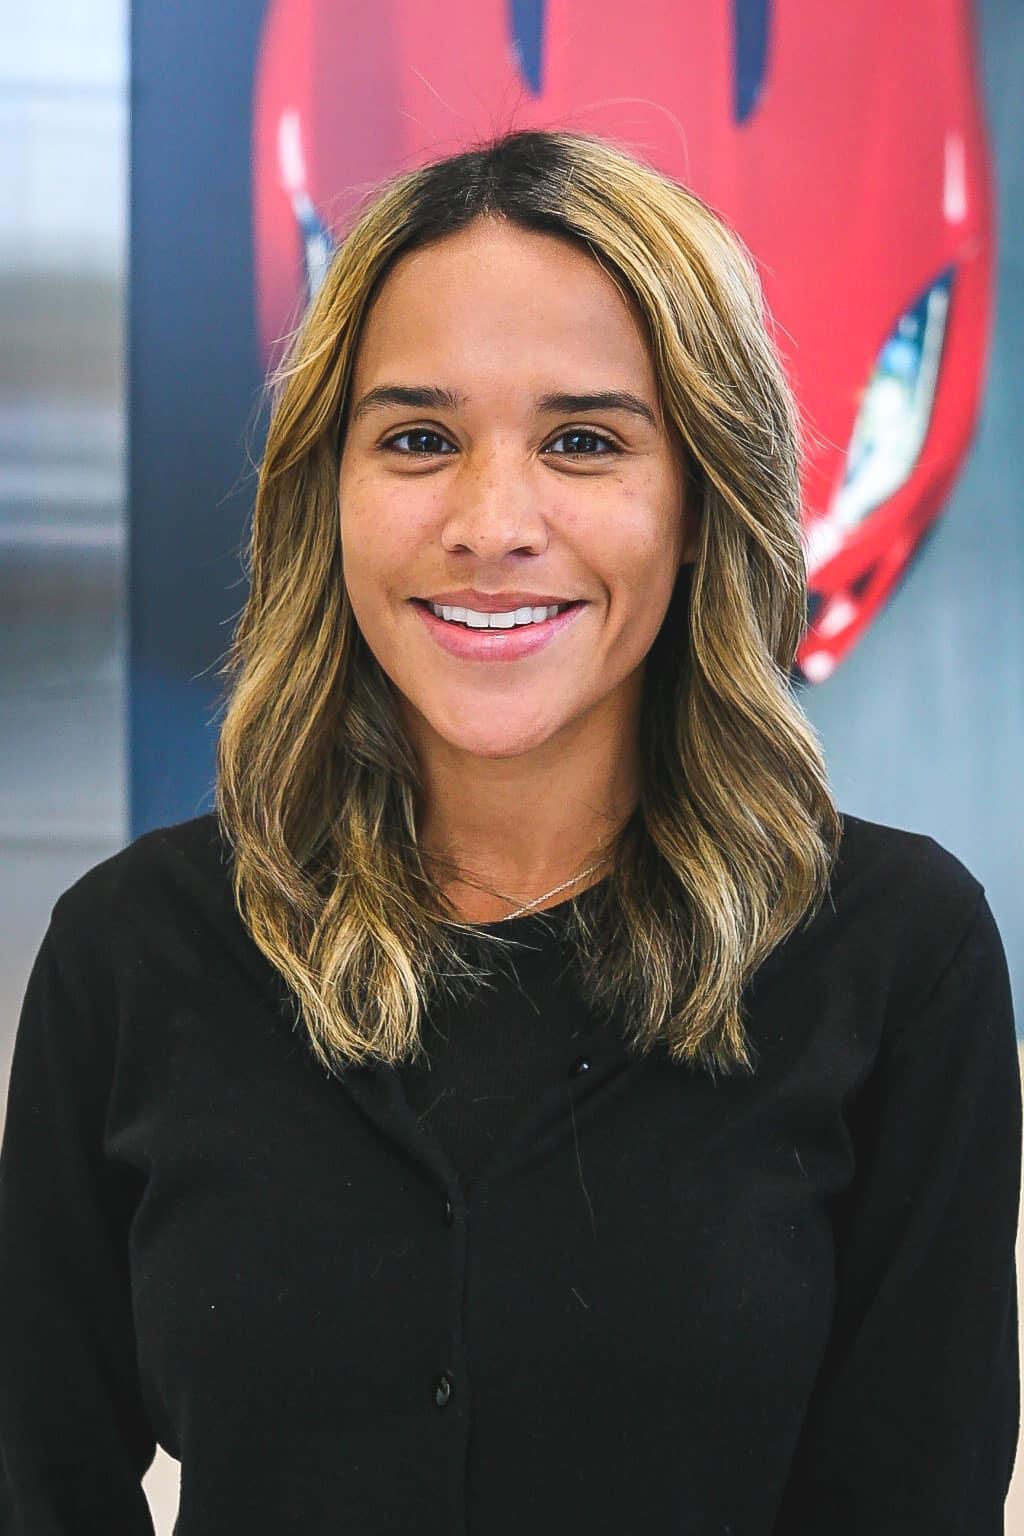 Melissa Ninen